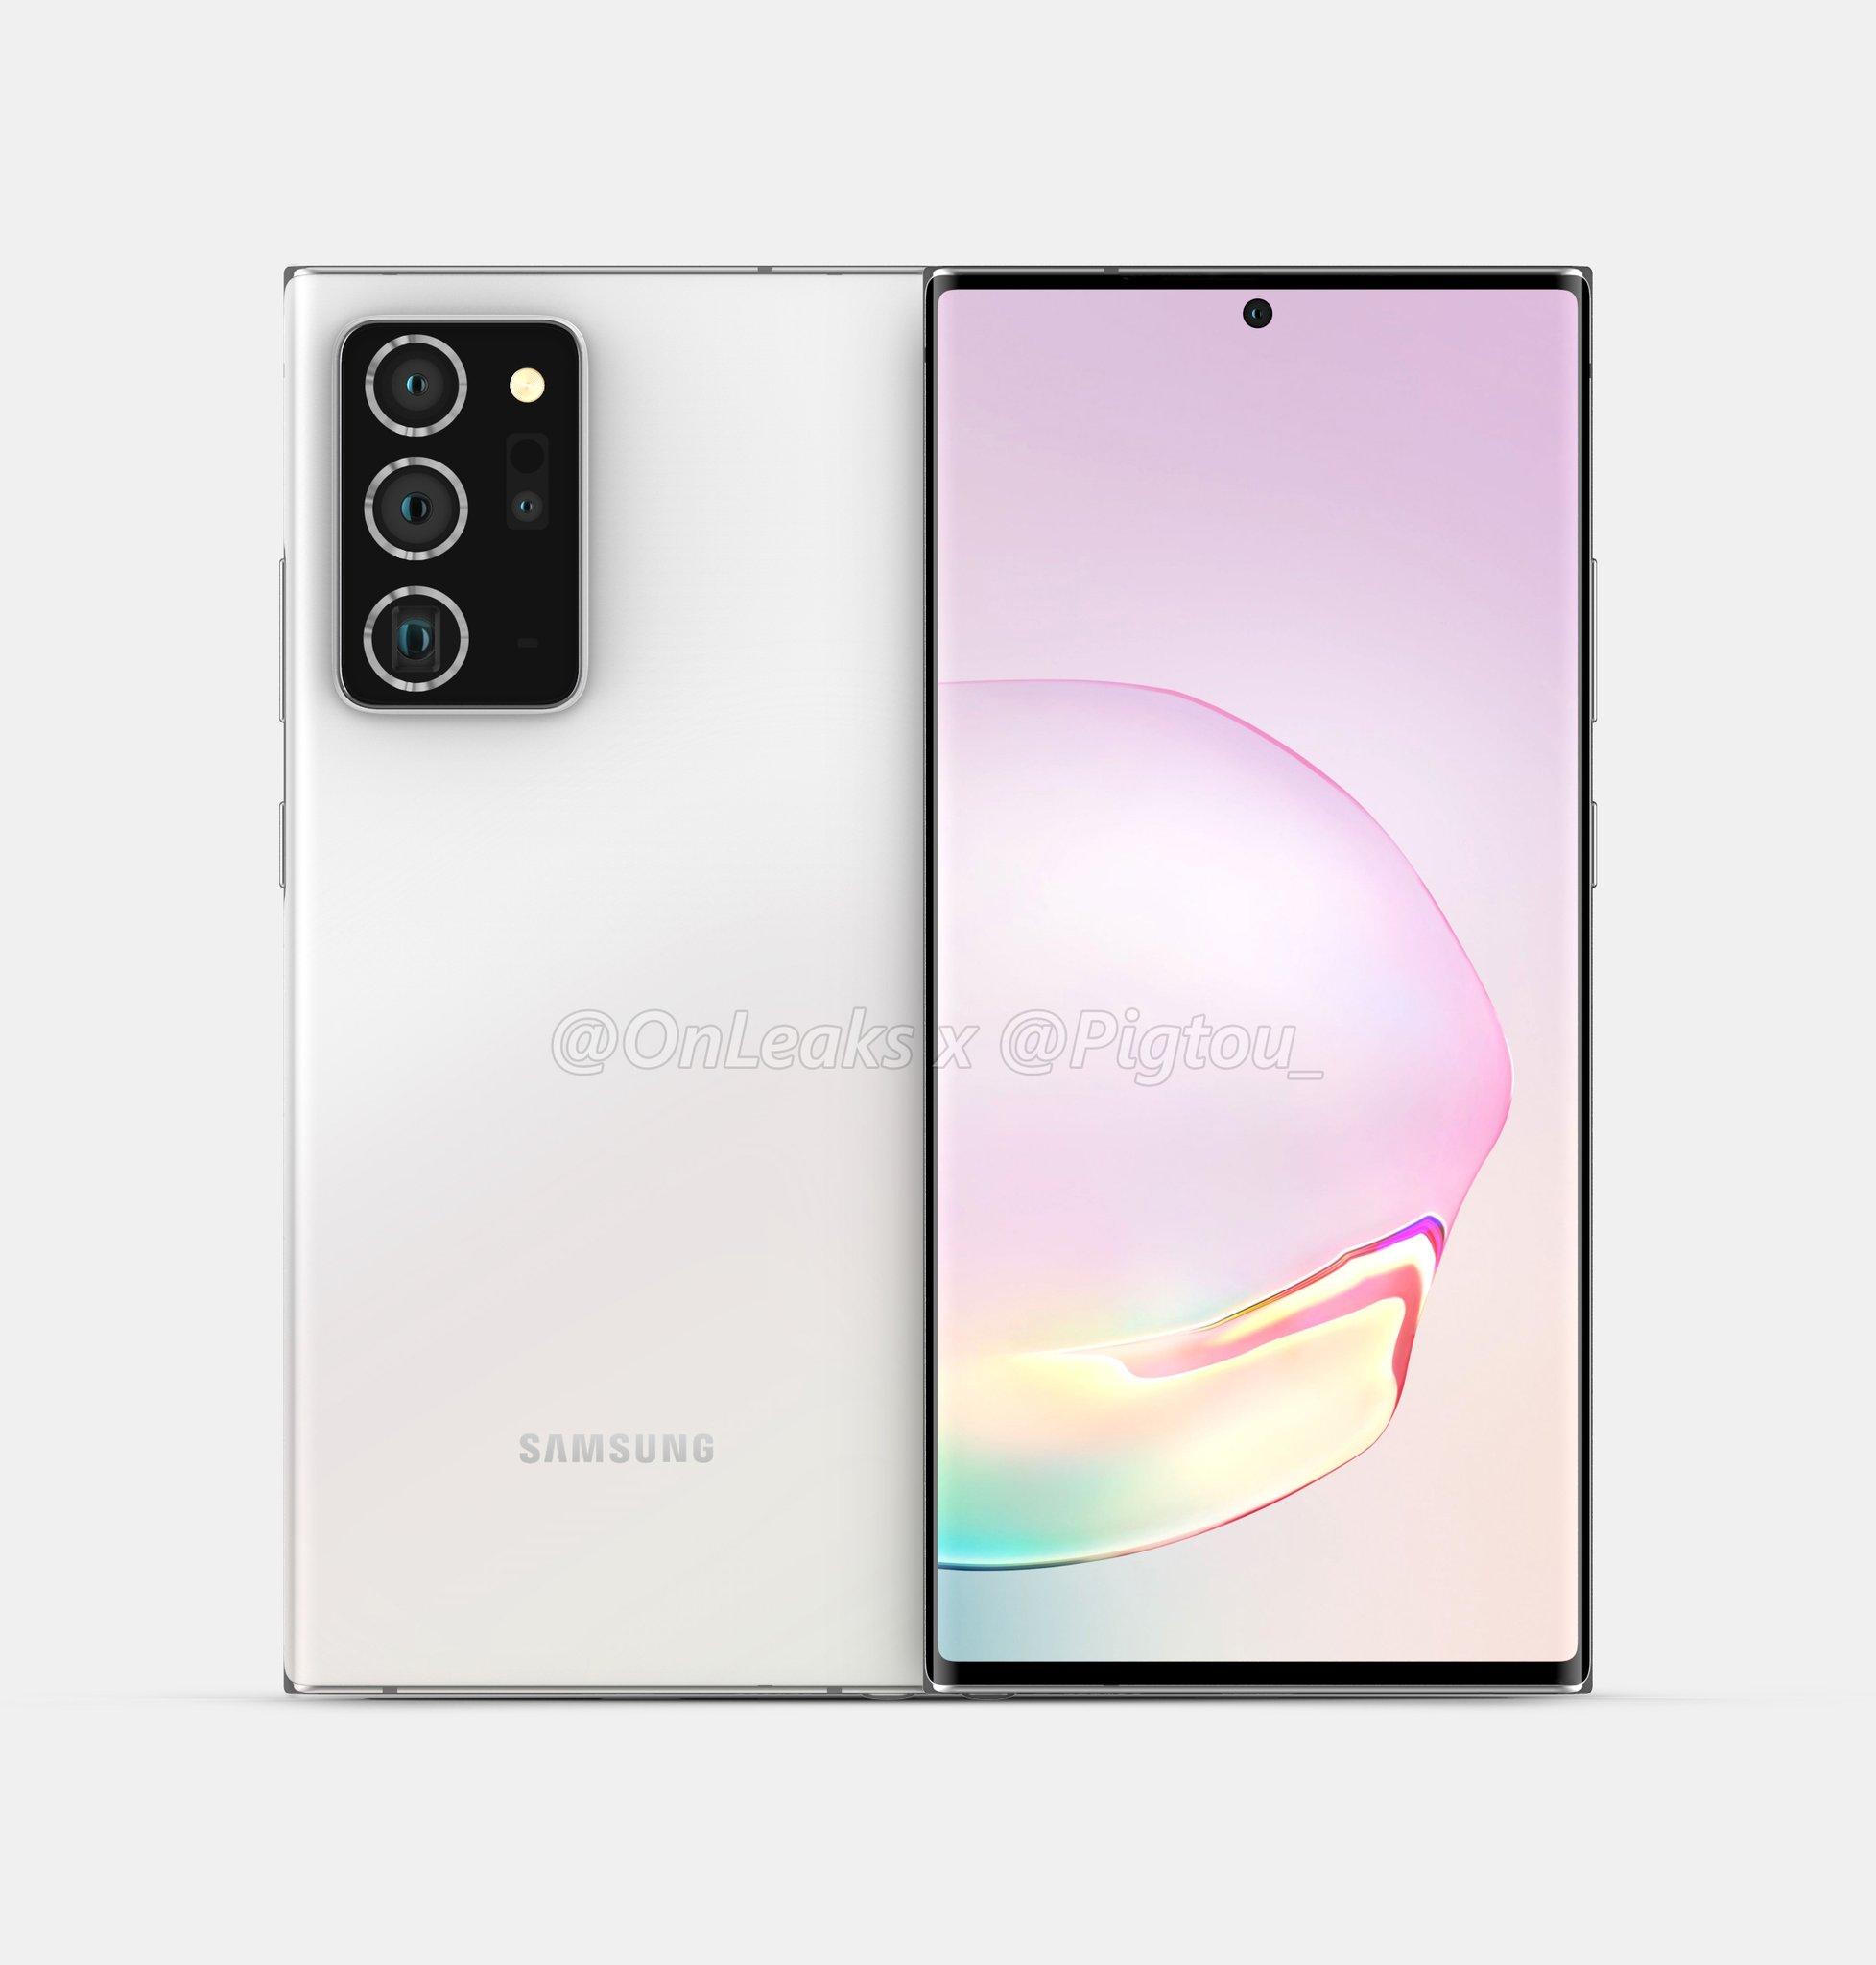 C'è una nuova voce sulle fotocamere di Galaxy Note 20, va in controtendenza ma può essere plausibile